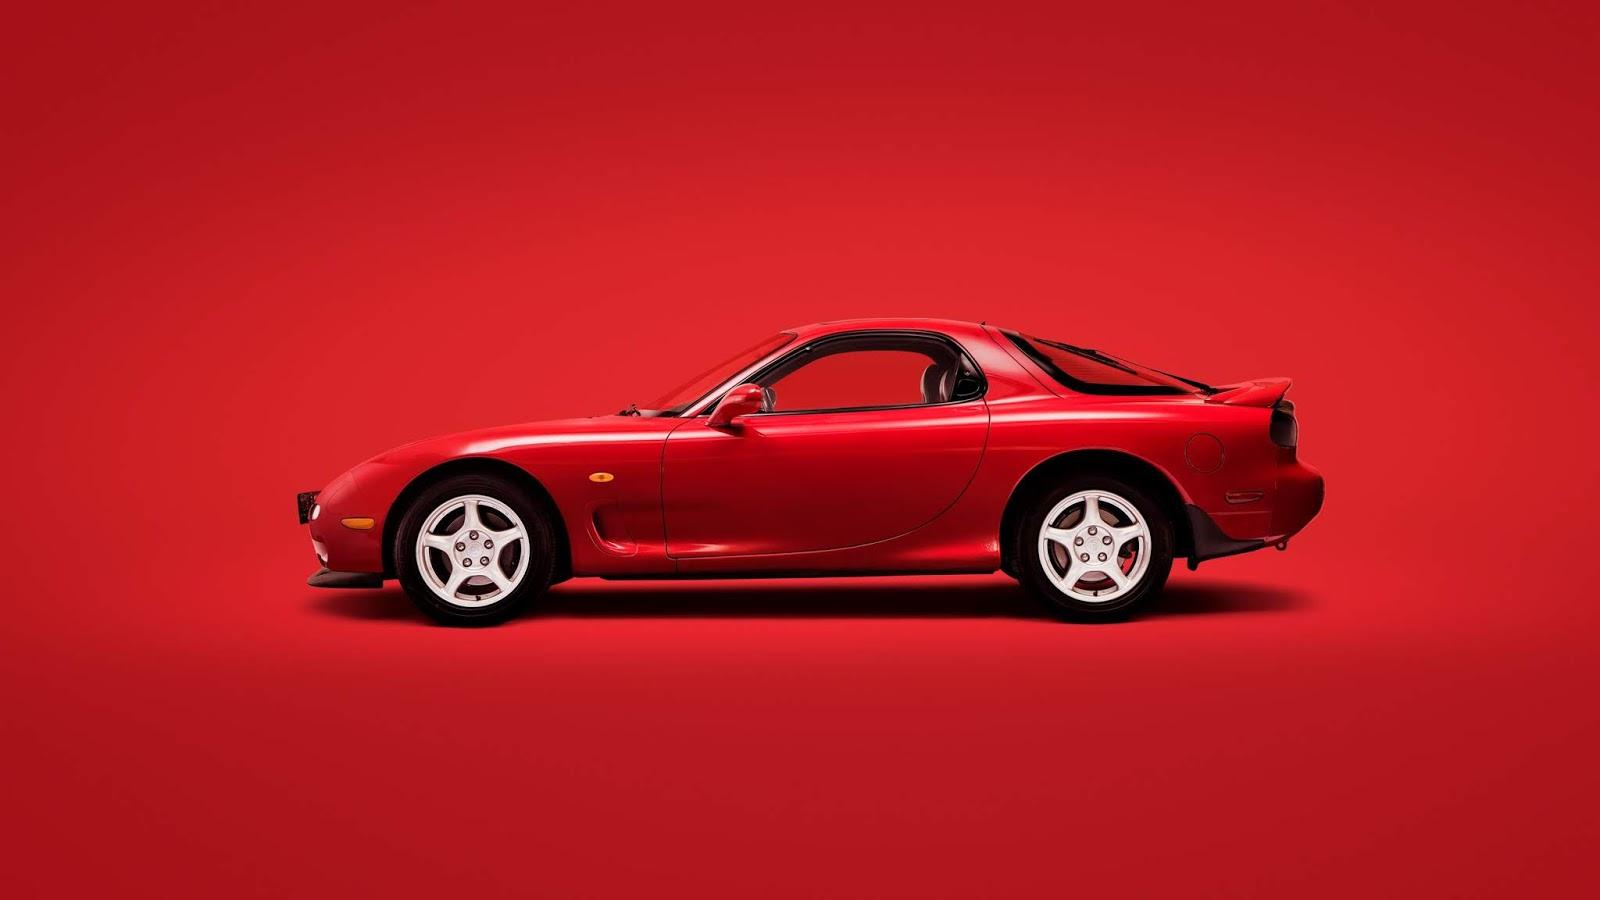 RX 7 FD 002 Mazda RX-7. Επαναπροσδιορίζοντας την οδηγική απόλαυση μέσω του περιστροφικού κινητήρα